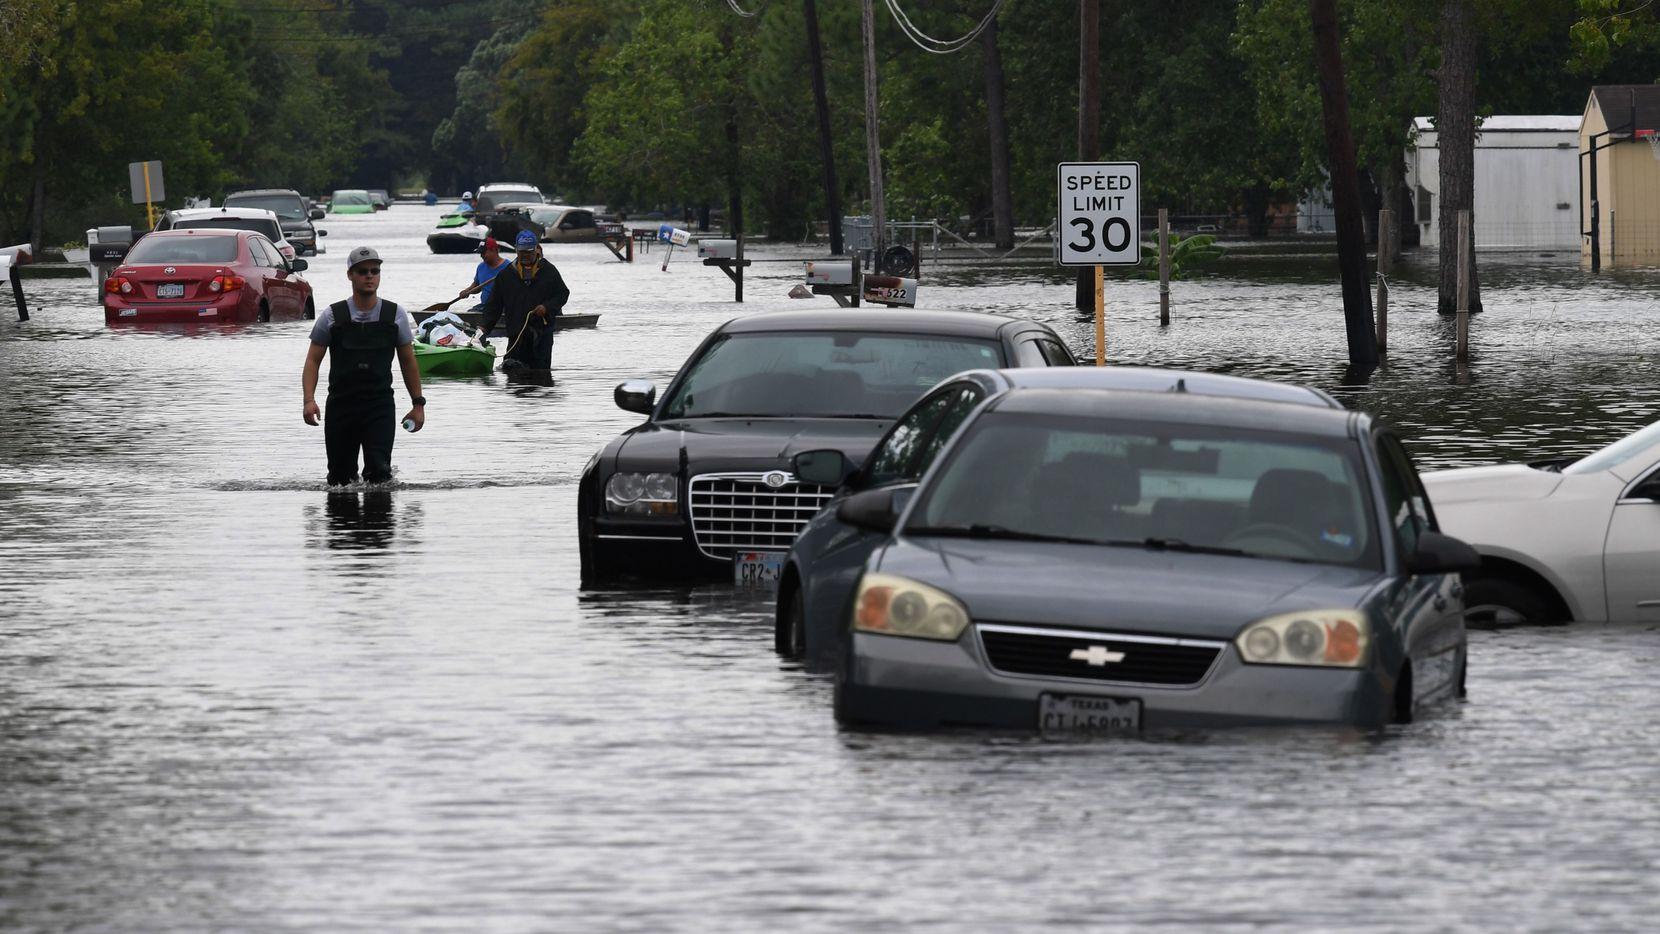 Miles de autos se quedaron varados bajo el agua de las inundaciones en Texas provocadas por el huracán Harvey. GETTY IMAGES